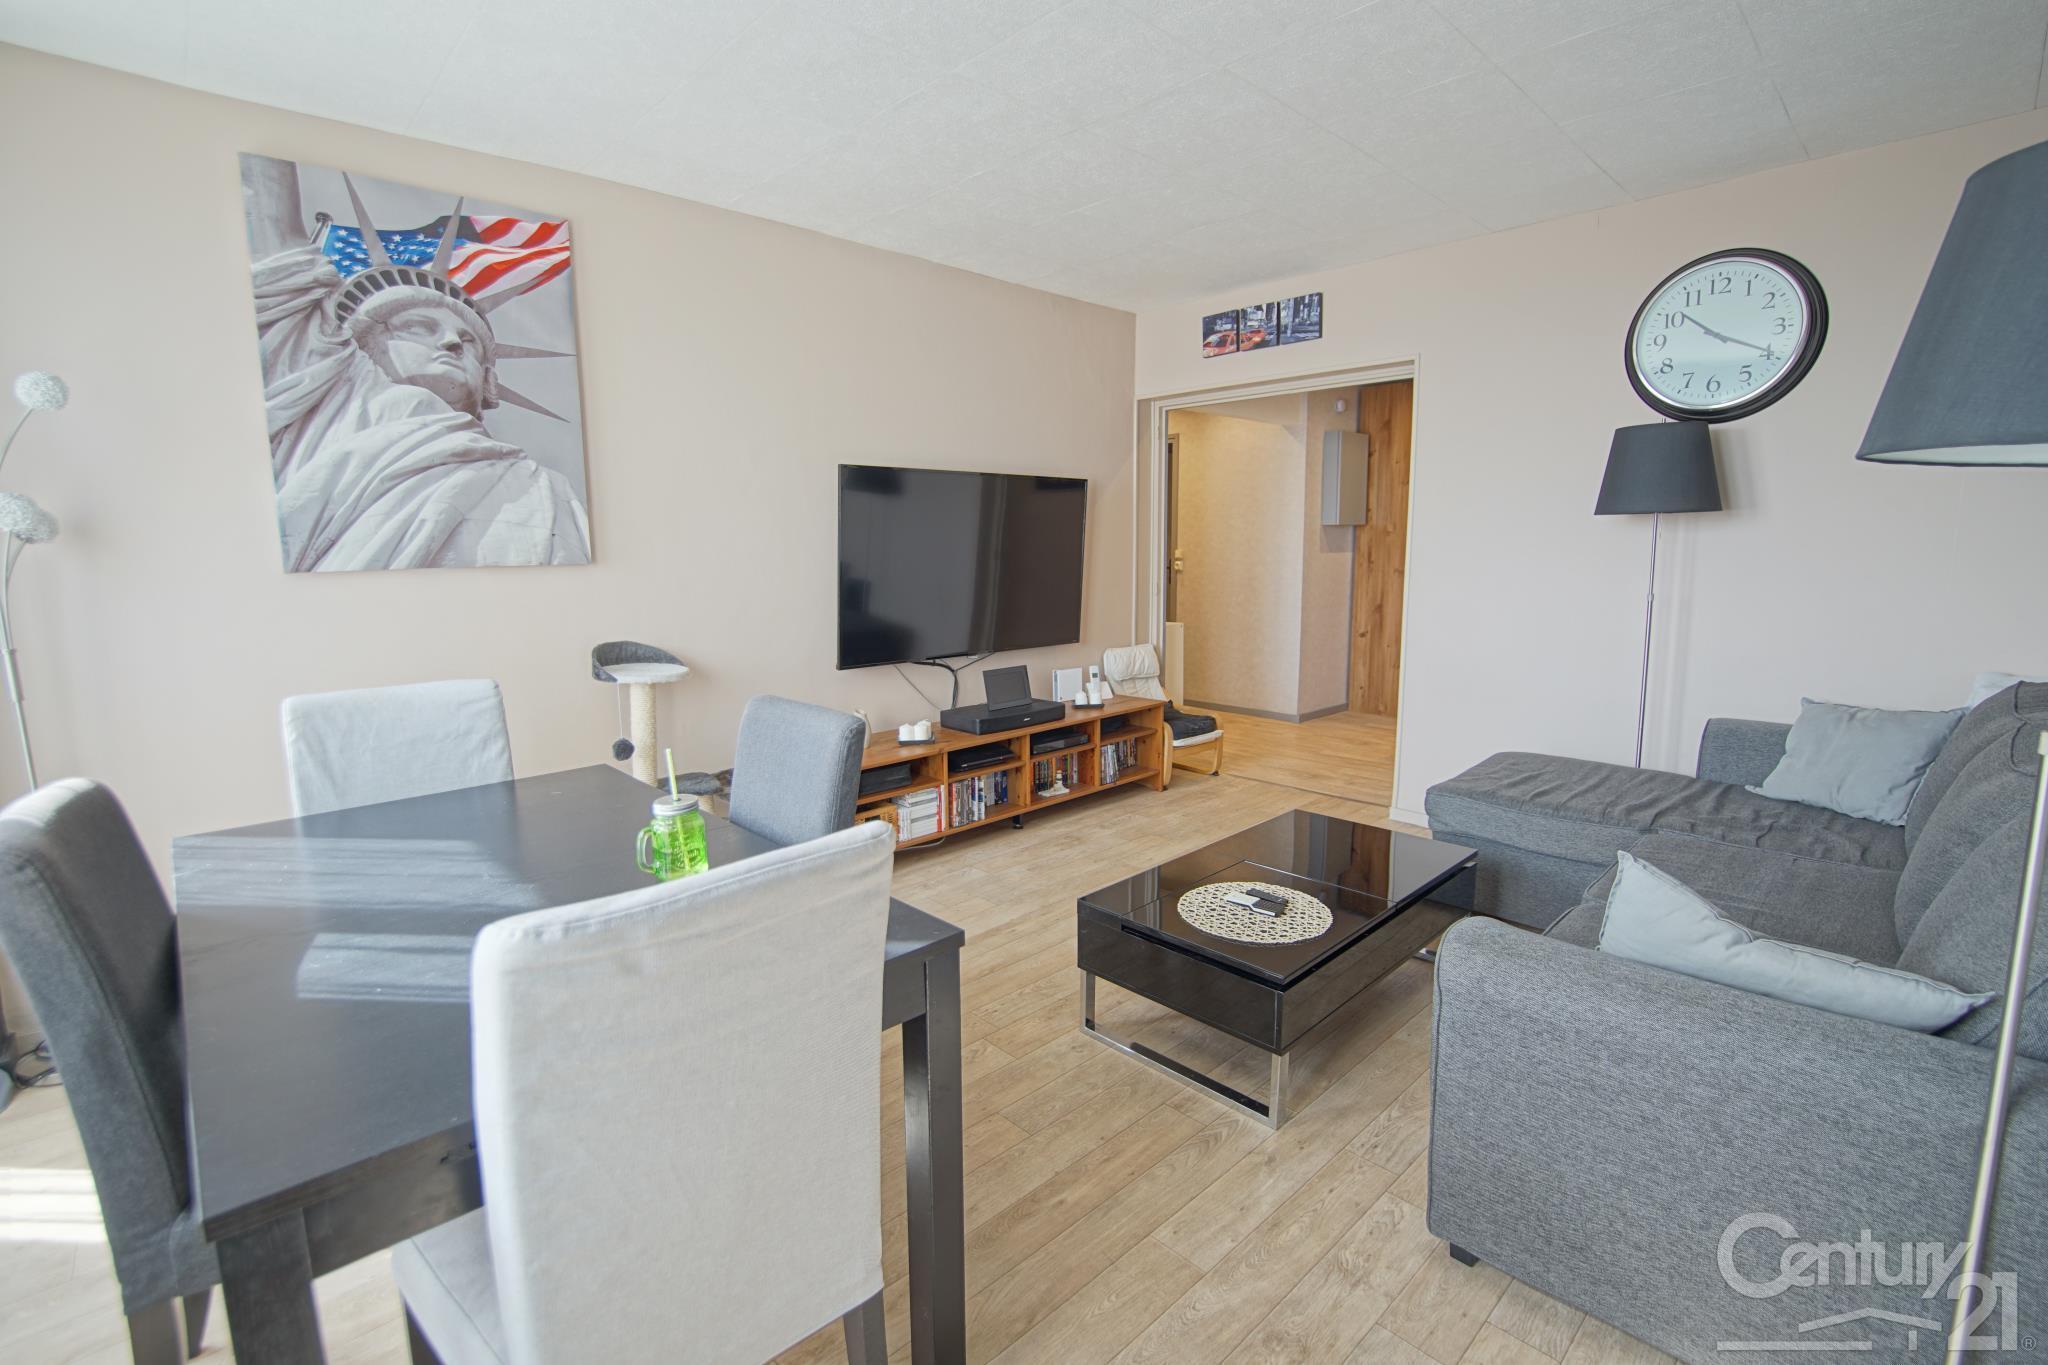 Appartement 3pièces 67m² à Choisy-le-Roi